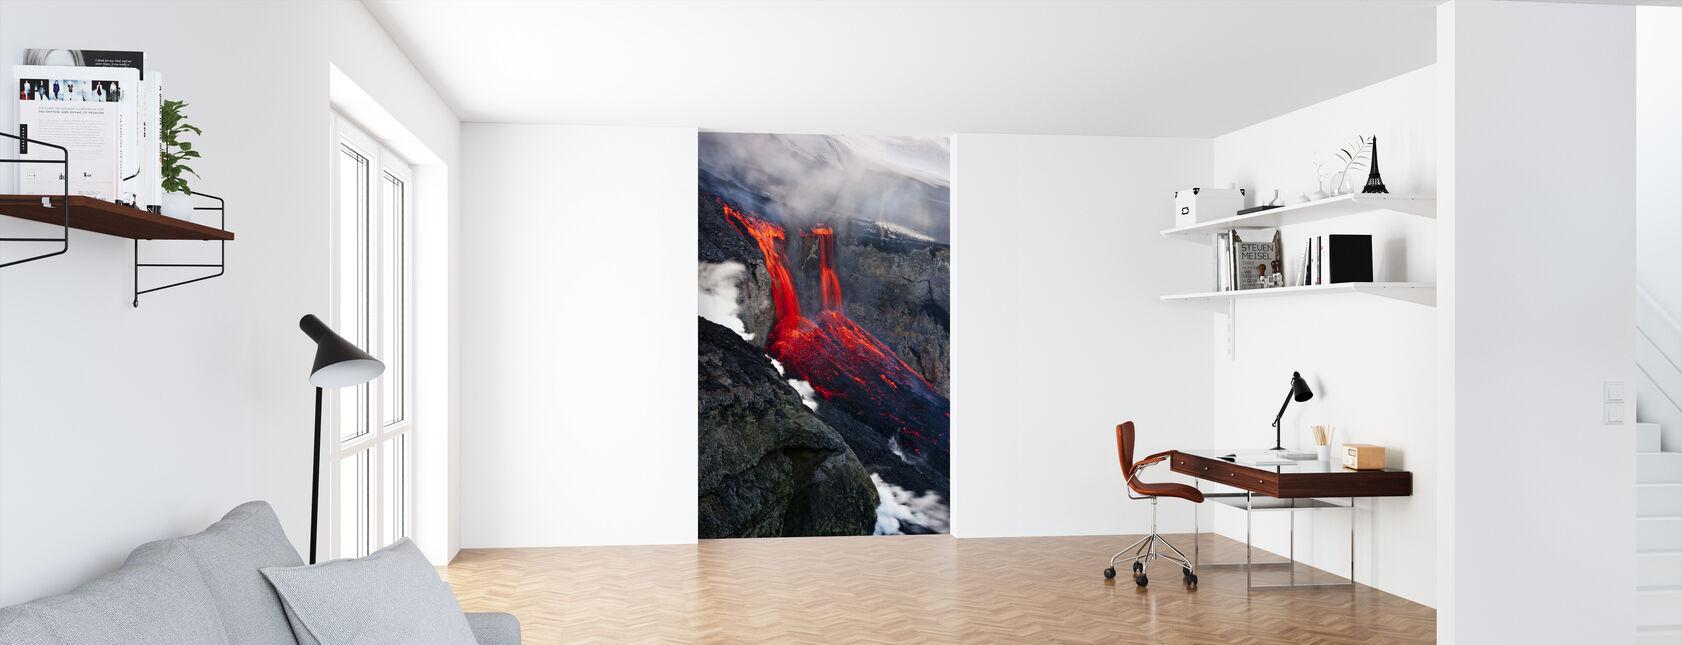 Liquid Fire - Wallpaper - Office